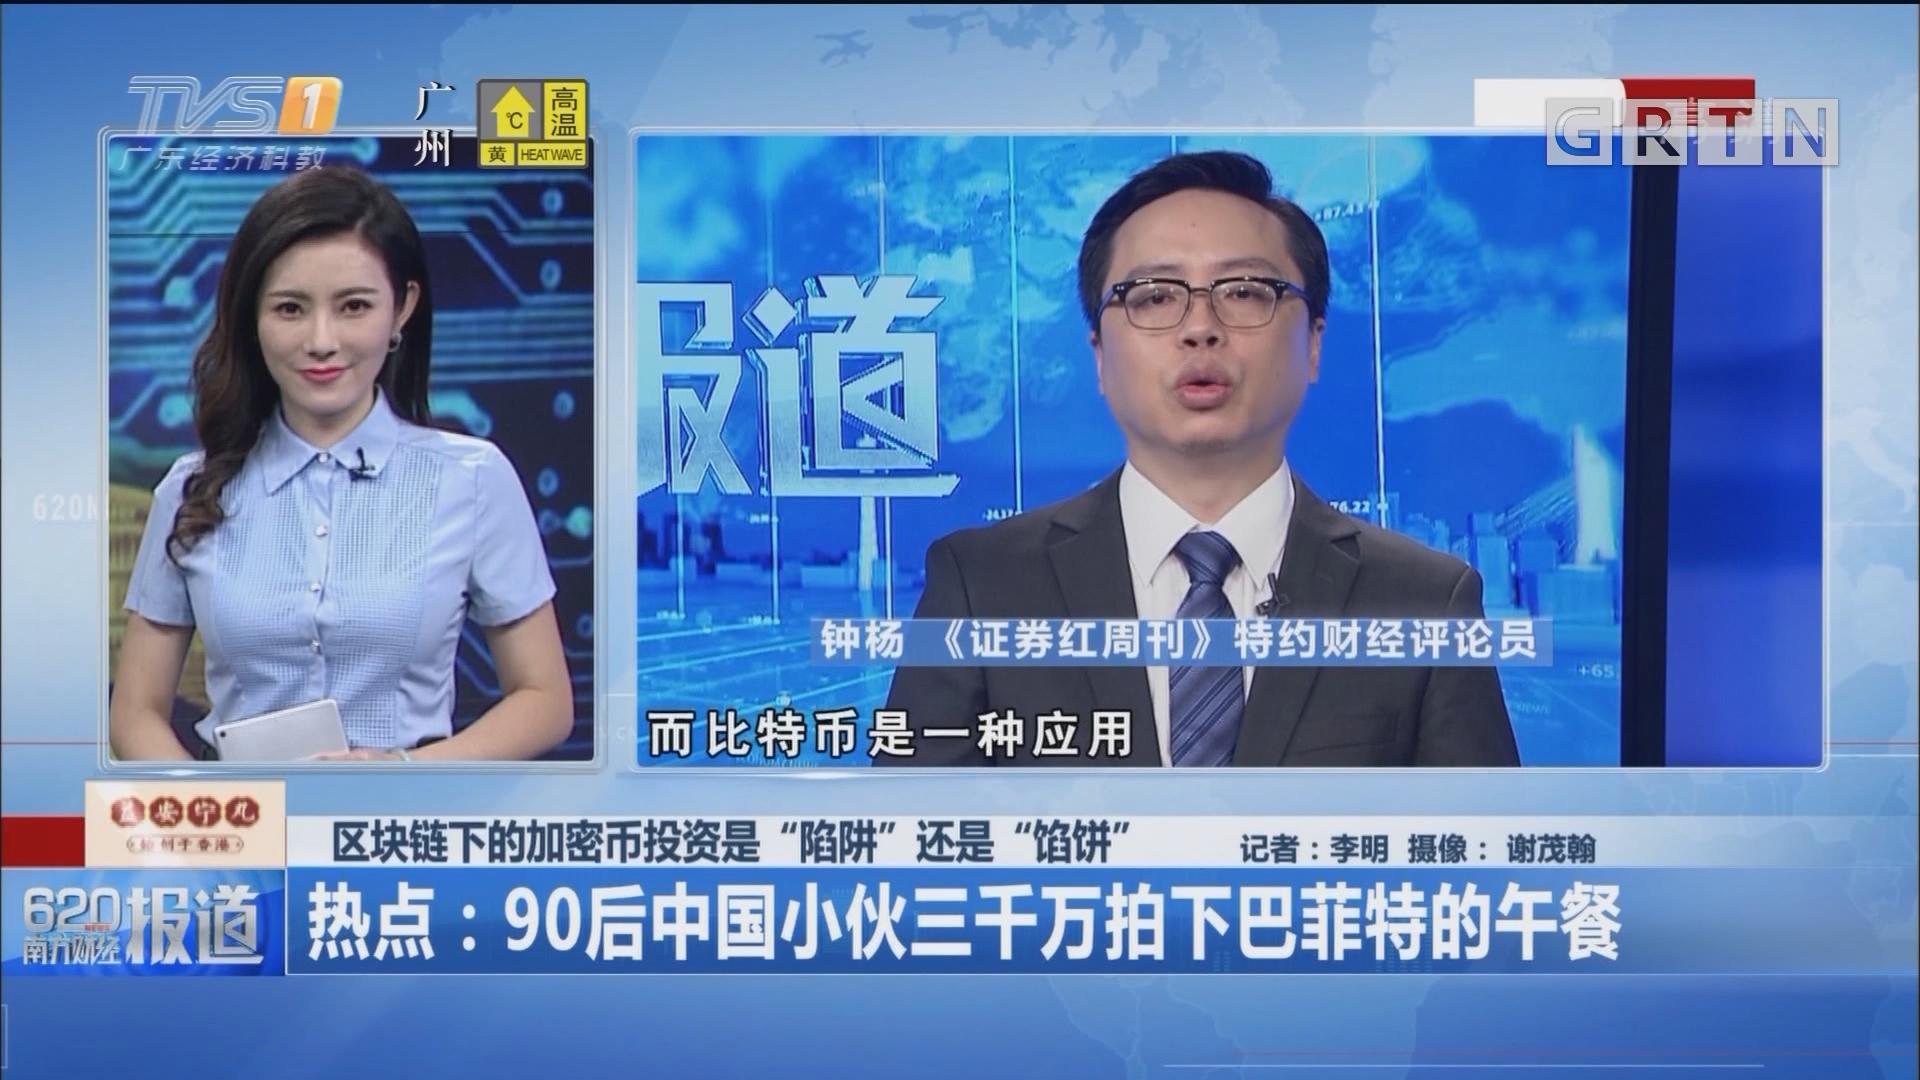 """區塊鏈下的加密幣投資是""""陷阱""""還是""""餡餅"""" 熱點:90后中國小伙三千萬拍下巴菲特的午餐"""